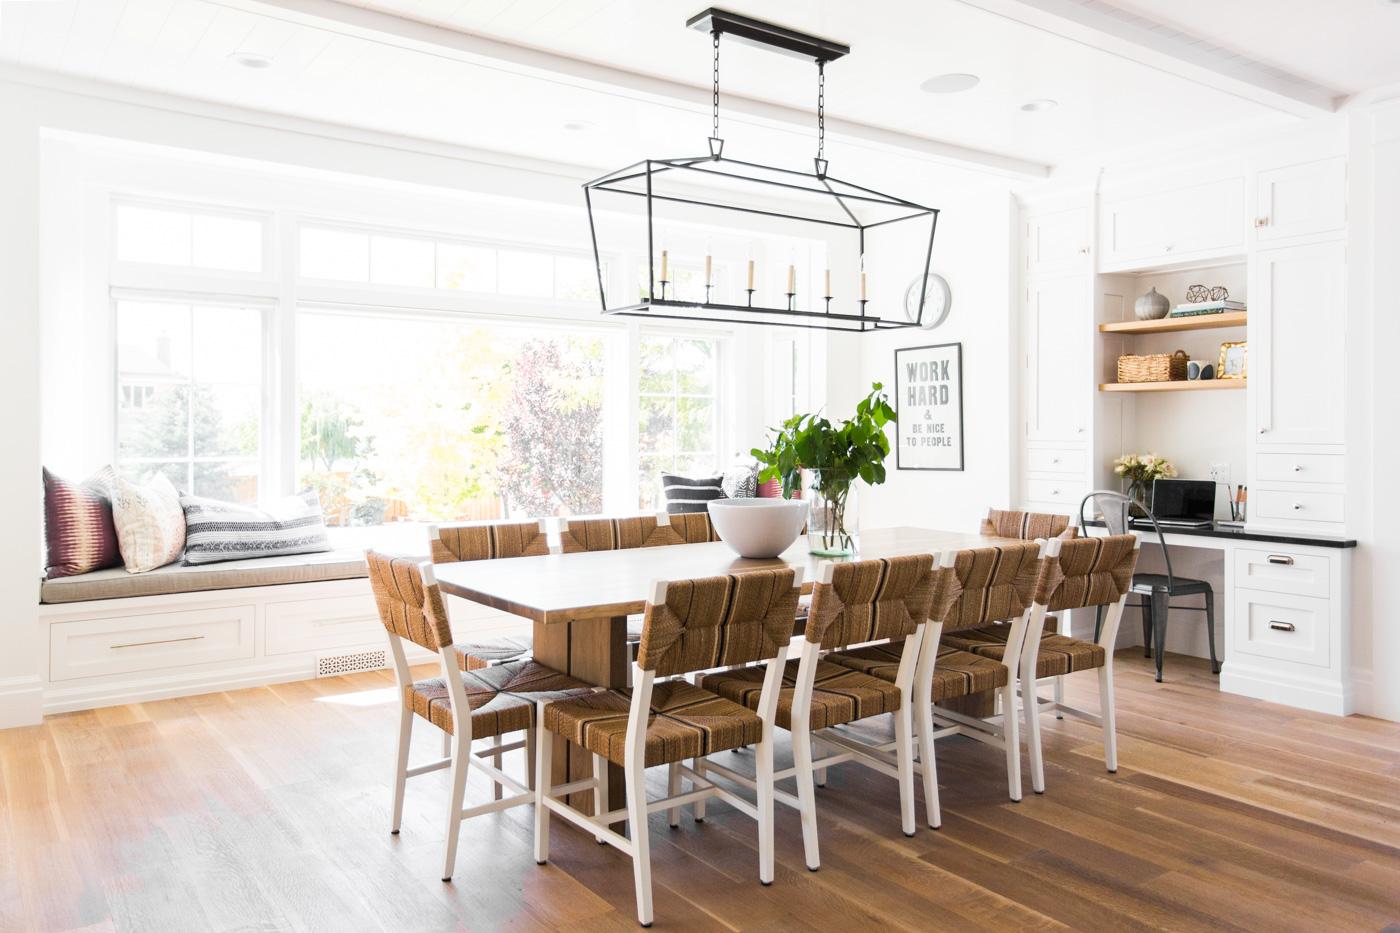 Full length of modern dining table